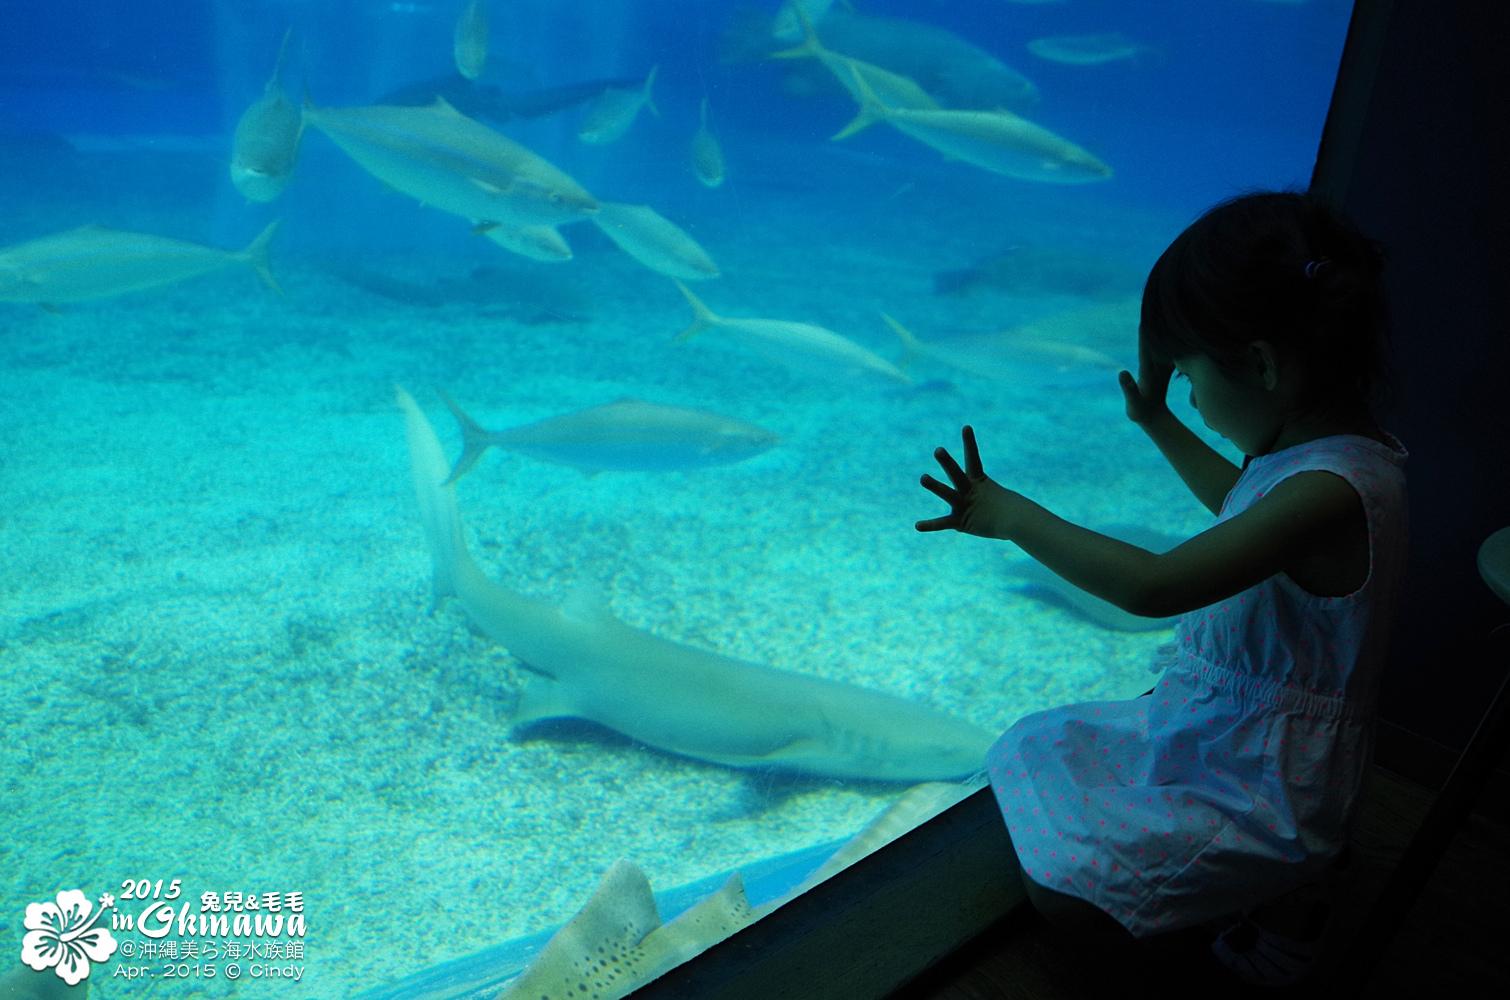 2015-0405-沖縄美ら海水族館-36.jpg